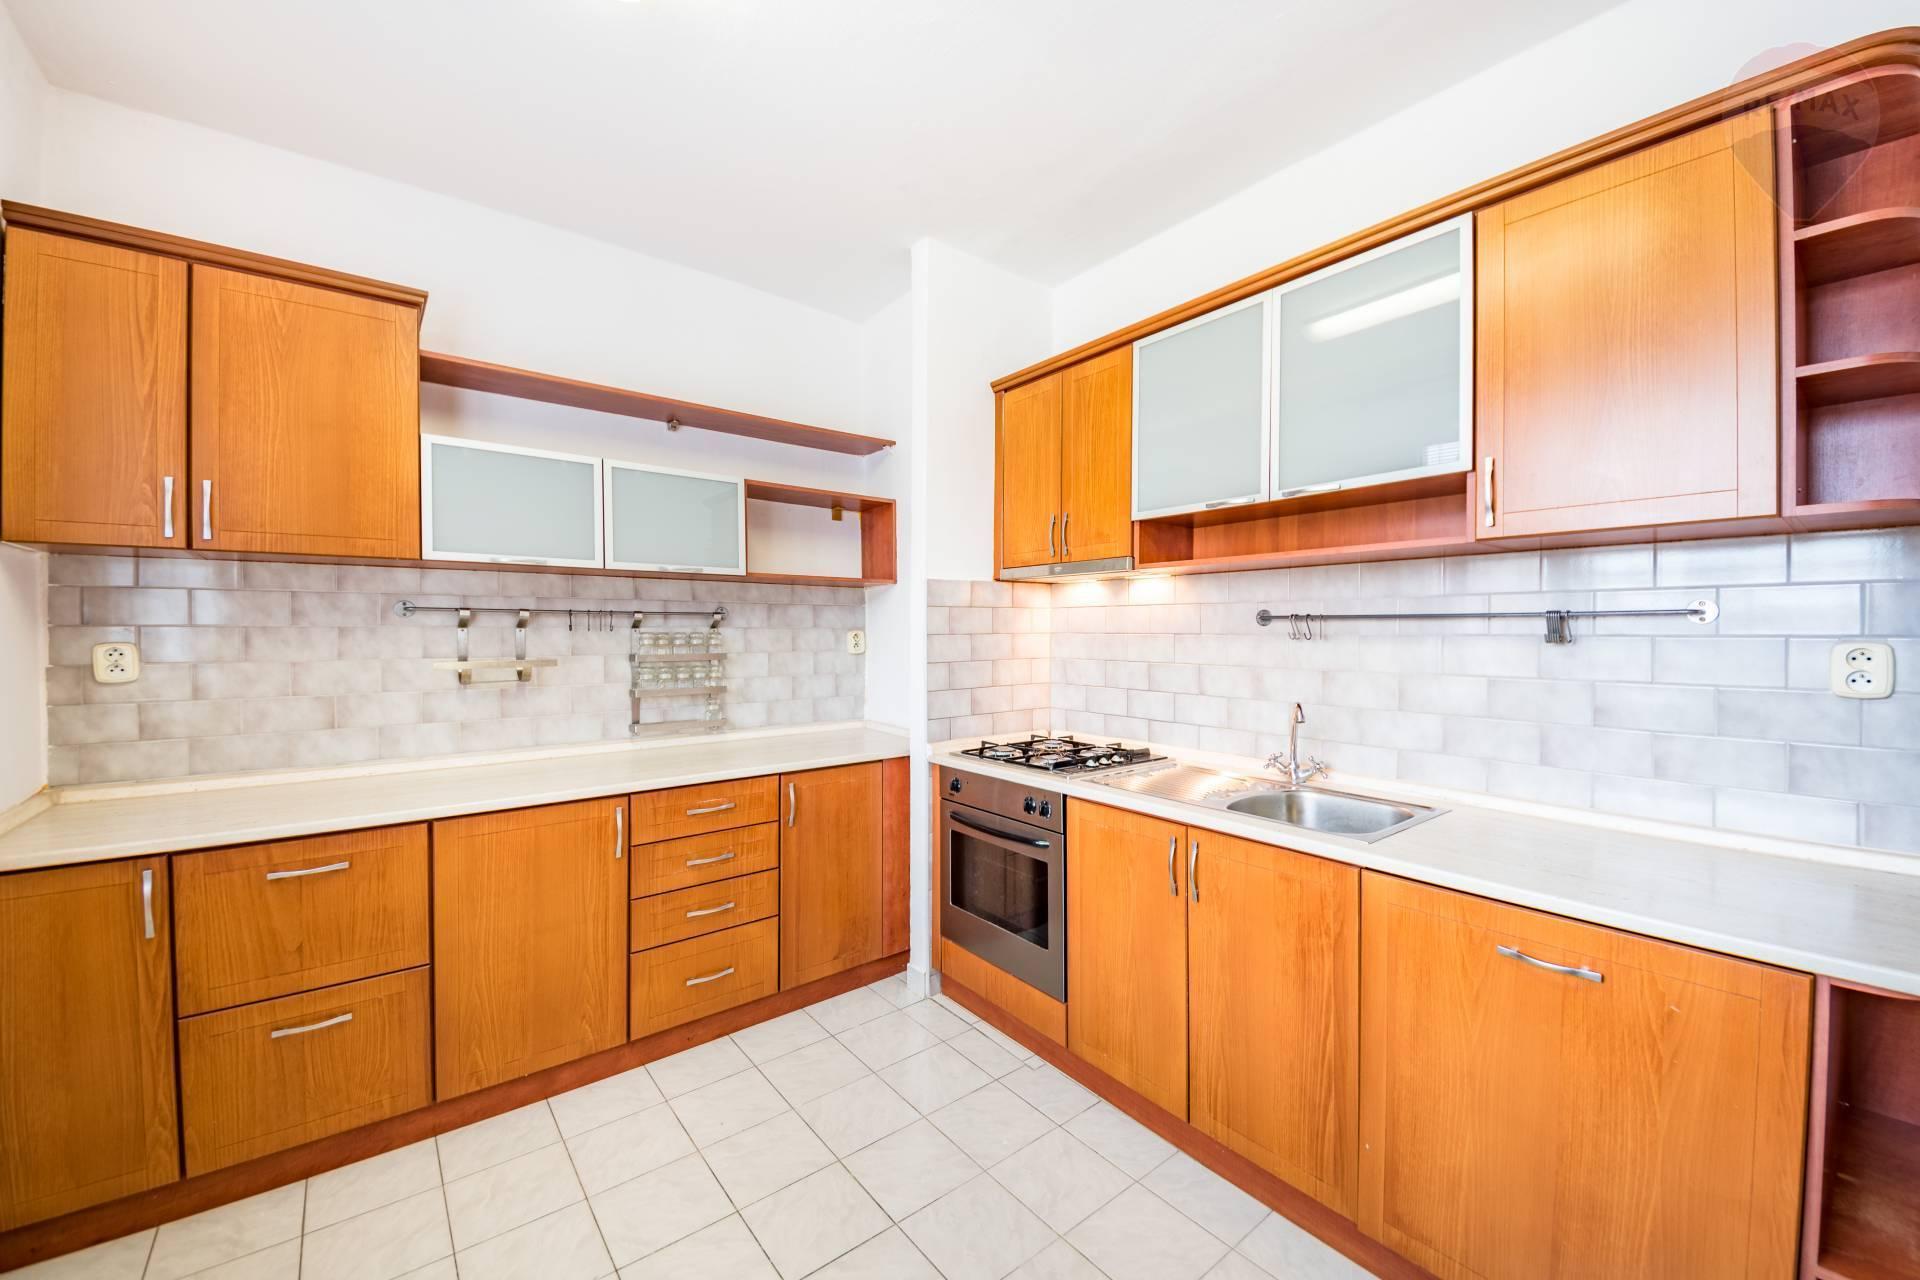 3 izbový byt na prenájom, ulica Mirka Nešpora, Prešov